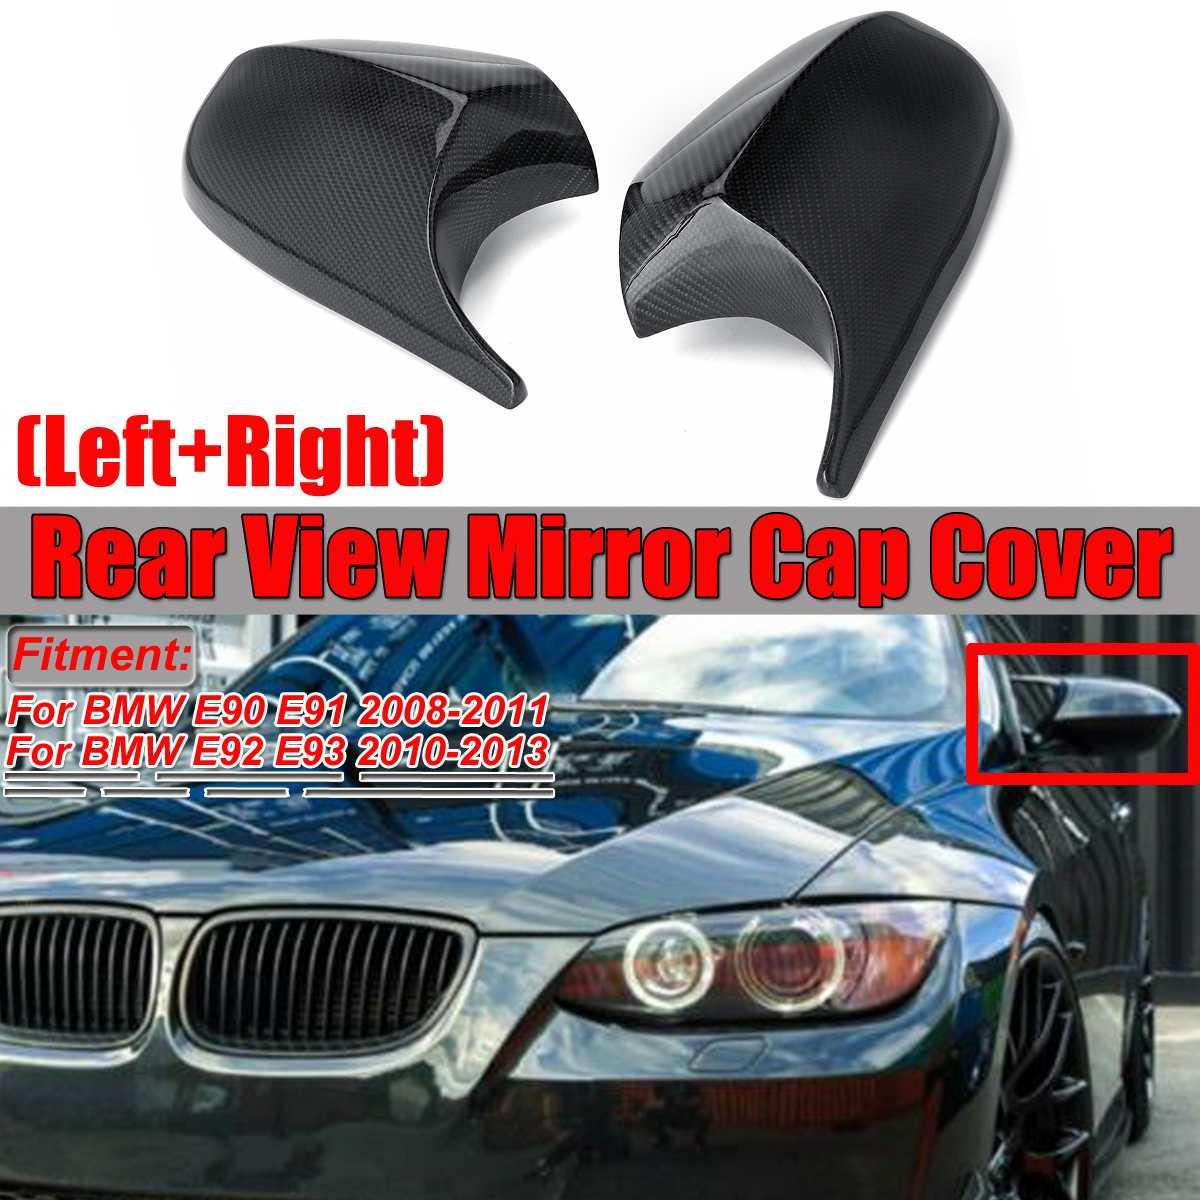 2PCS คาร์บอนไฟเบอร์/ABS กระจก E90 รถกระจกมองหลังฝาครอบโดยตรงแทนที่ BMW E90 e91 08-11 E92 E93 10-13 LCI